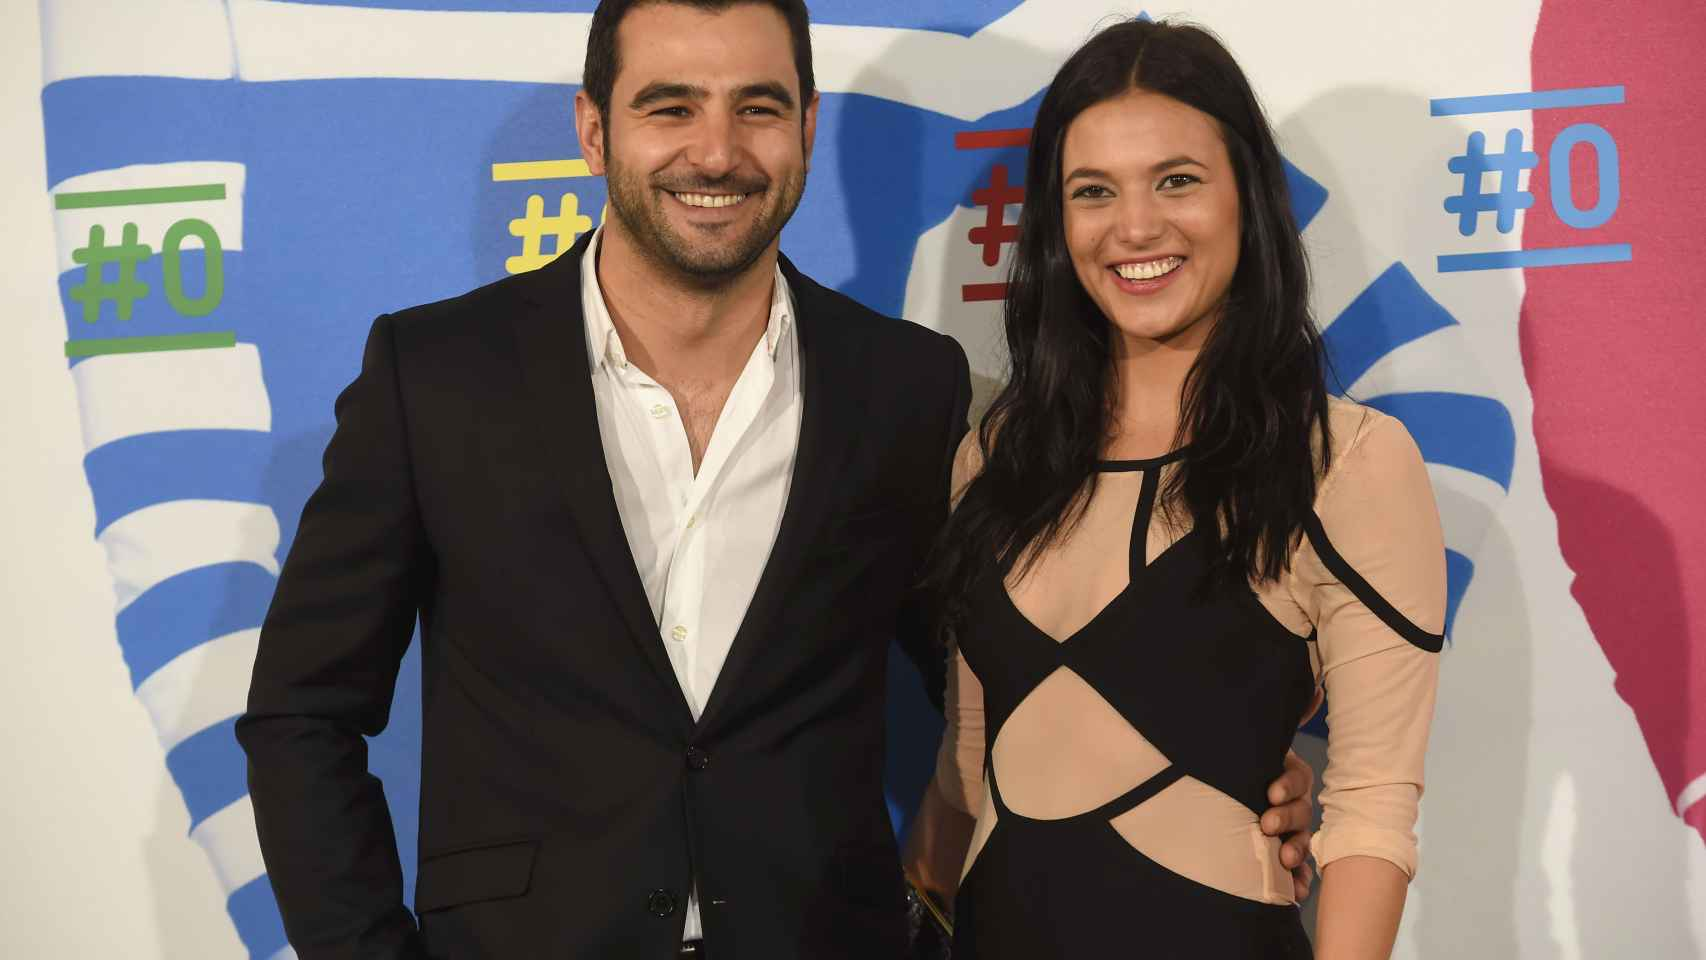 Elisa Mouliaa y Antonio Velázquez durante la presentación del Canal de Movistar